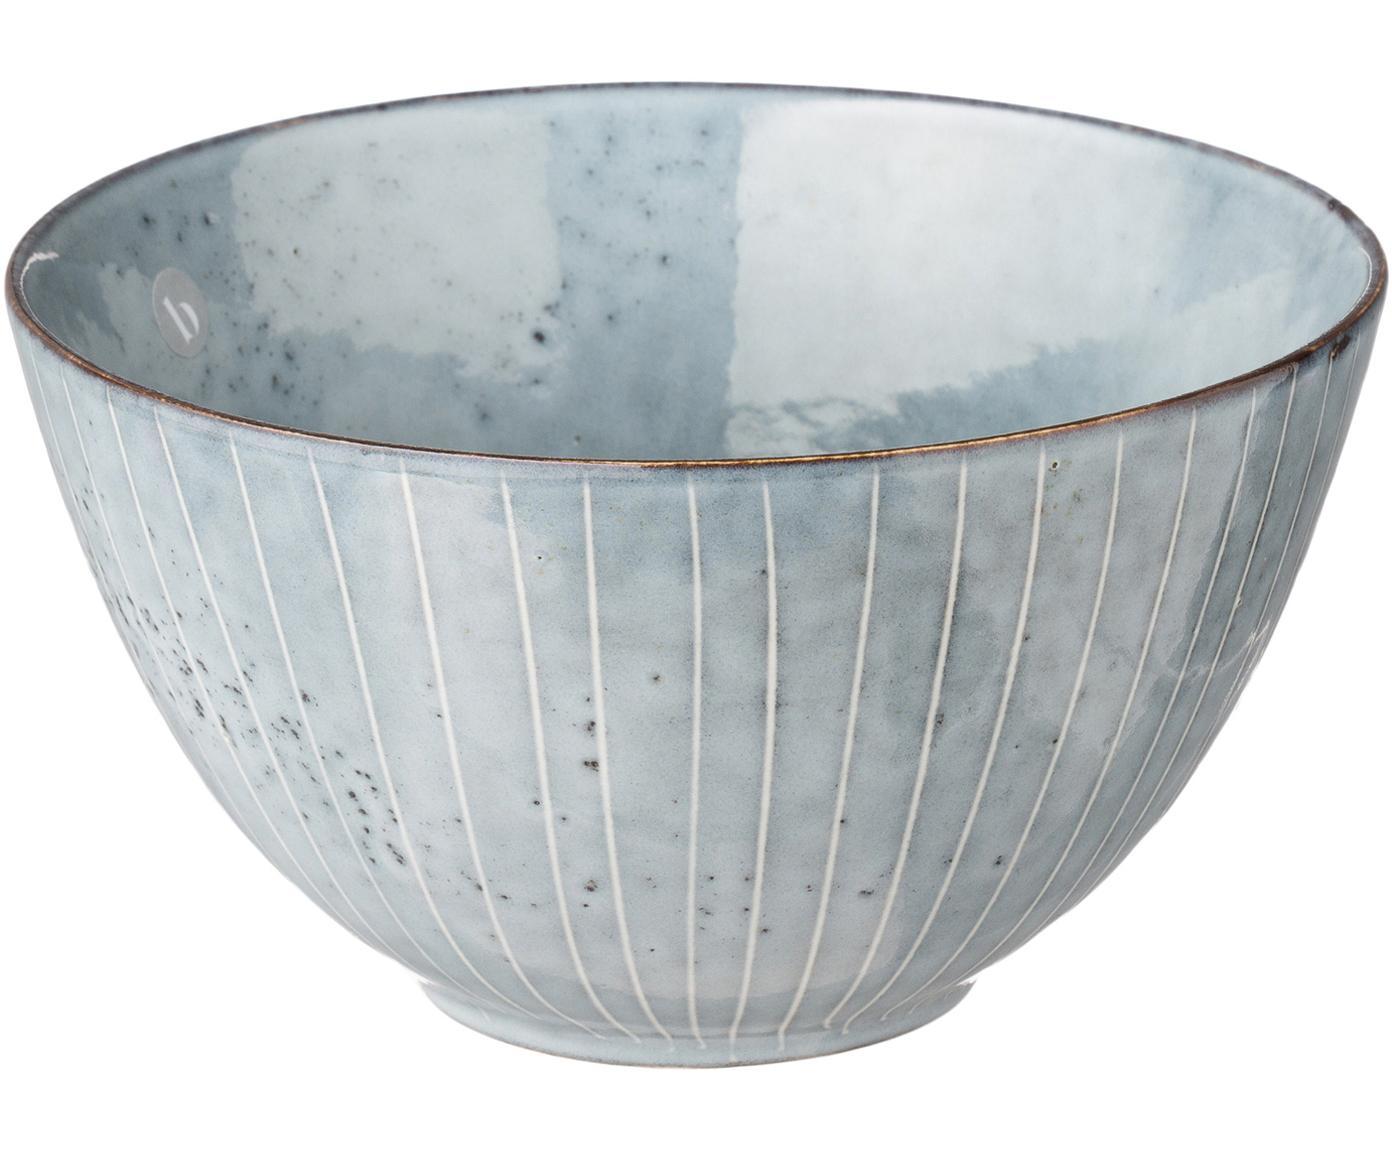 Handgemachte Schälchen Nordic Sea aus Steingut, 4 Stück, Steingut, Grau- und Blautöne, Ø 15 x H 8 cm